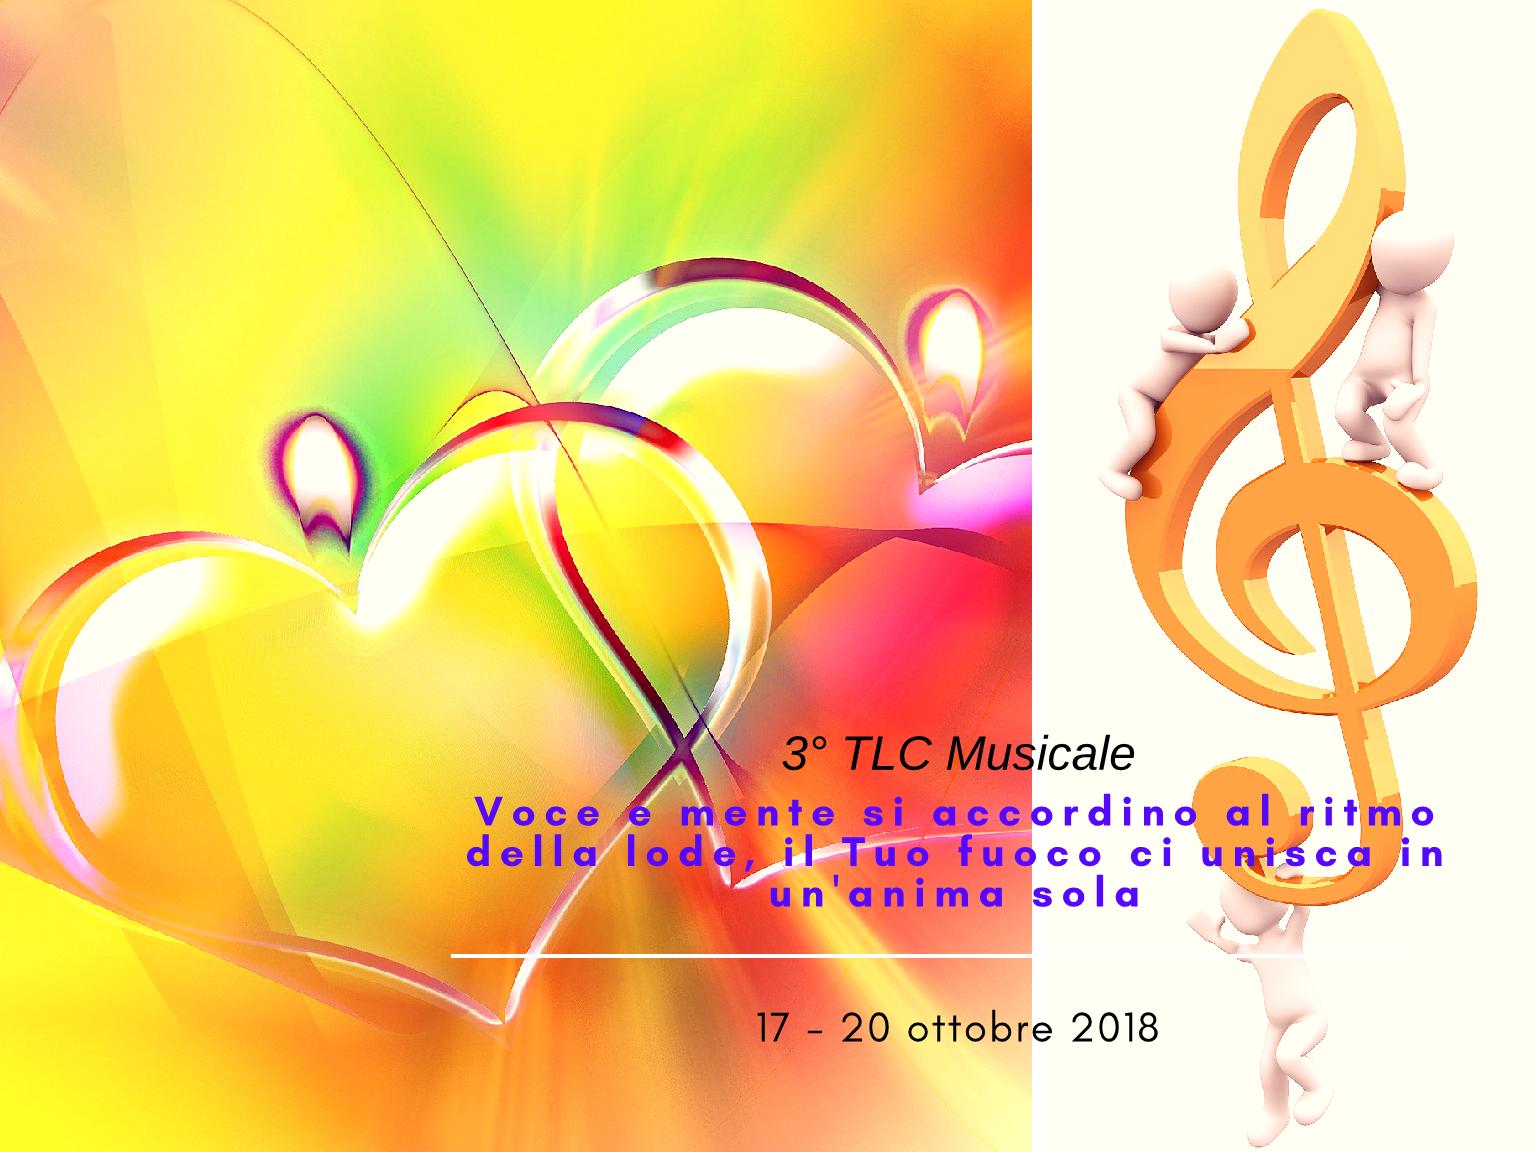 3° TLC Musicale presentazione